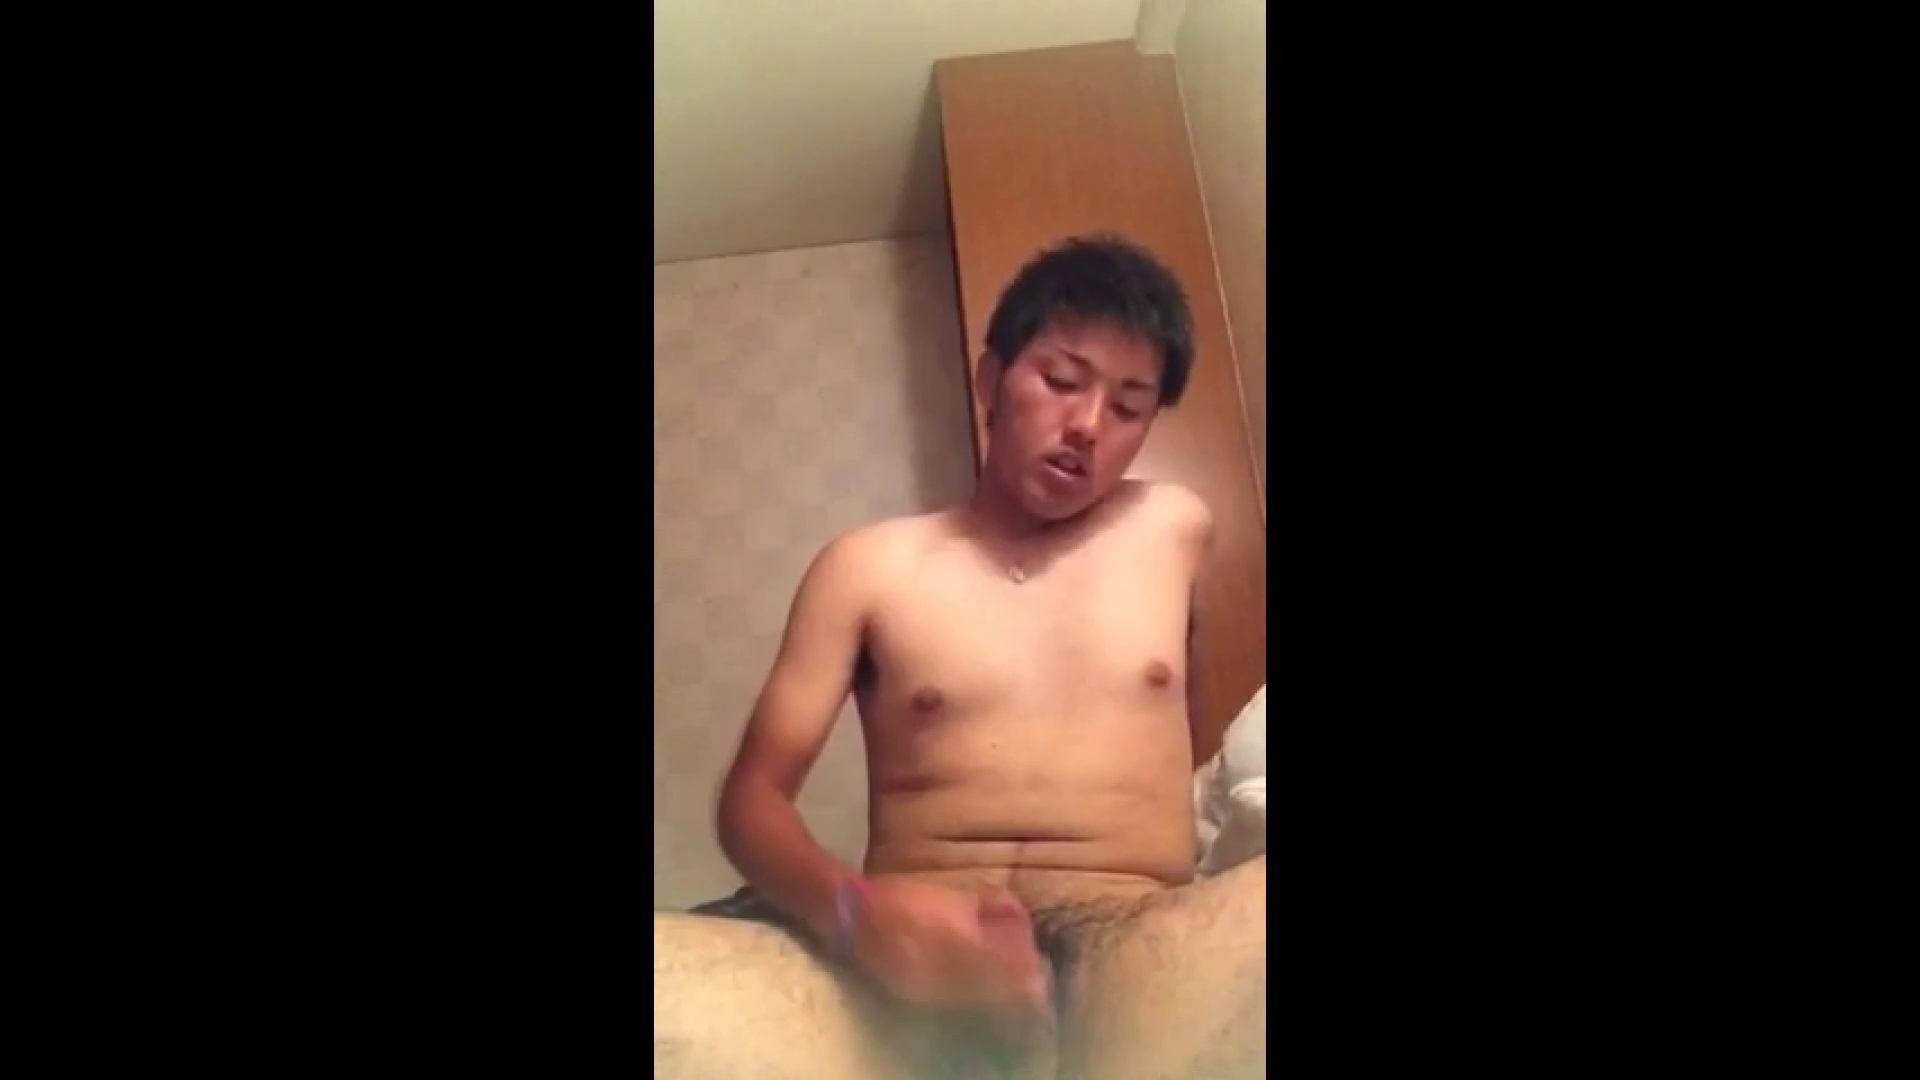 キター!ノンケちゃんオナニー特集vol.29 モザイク無し ゲイ無修正ビデオ画像 107pic 79